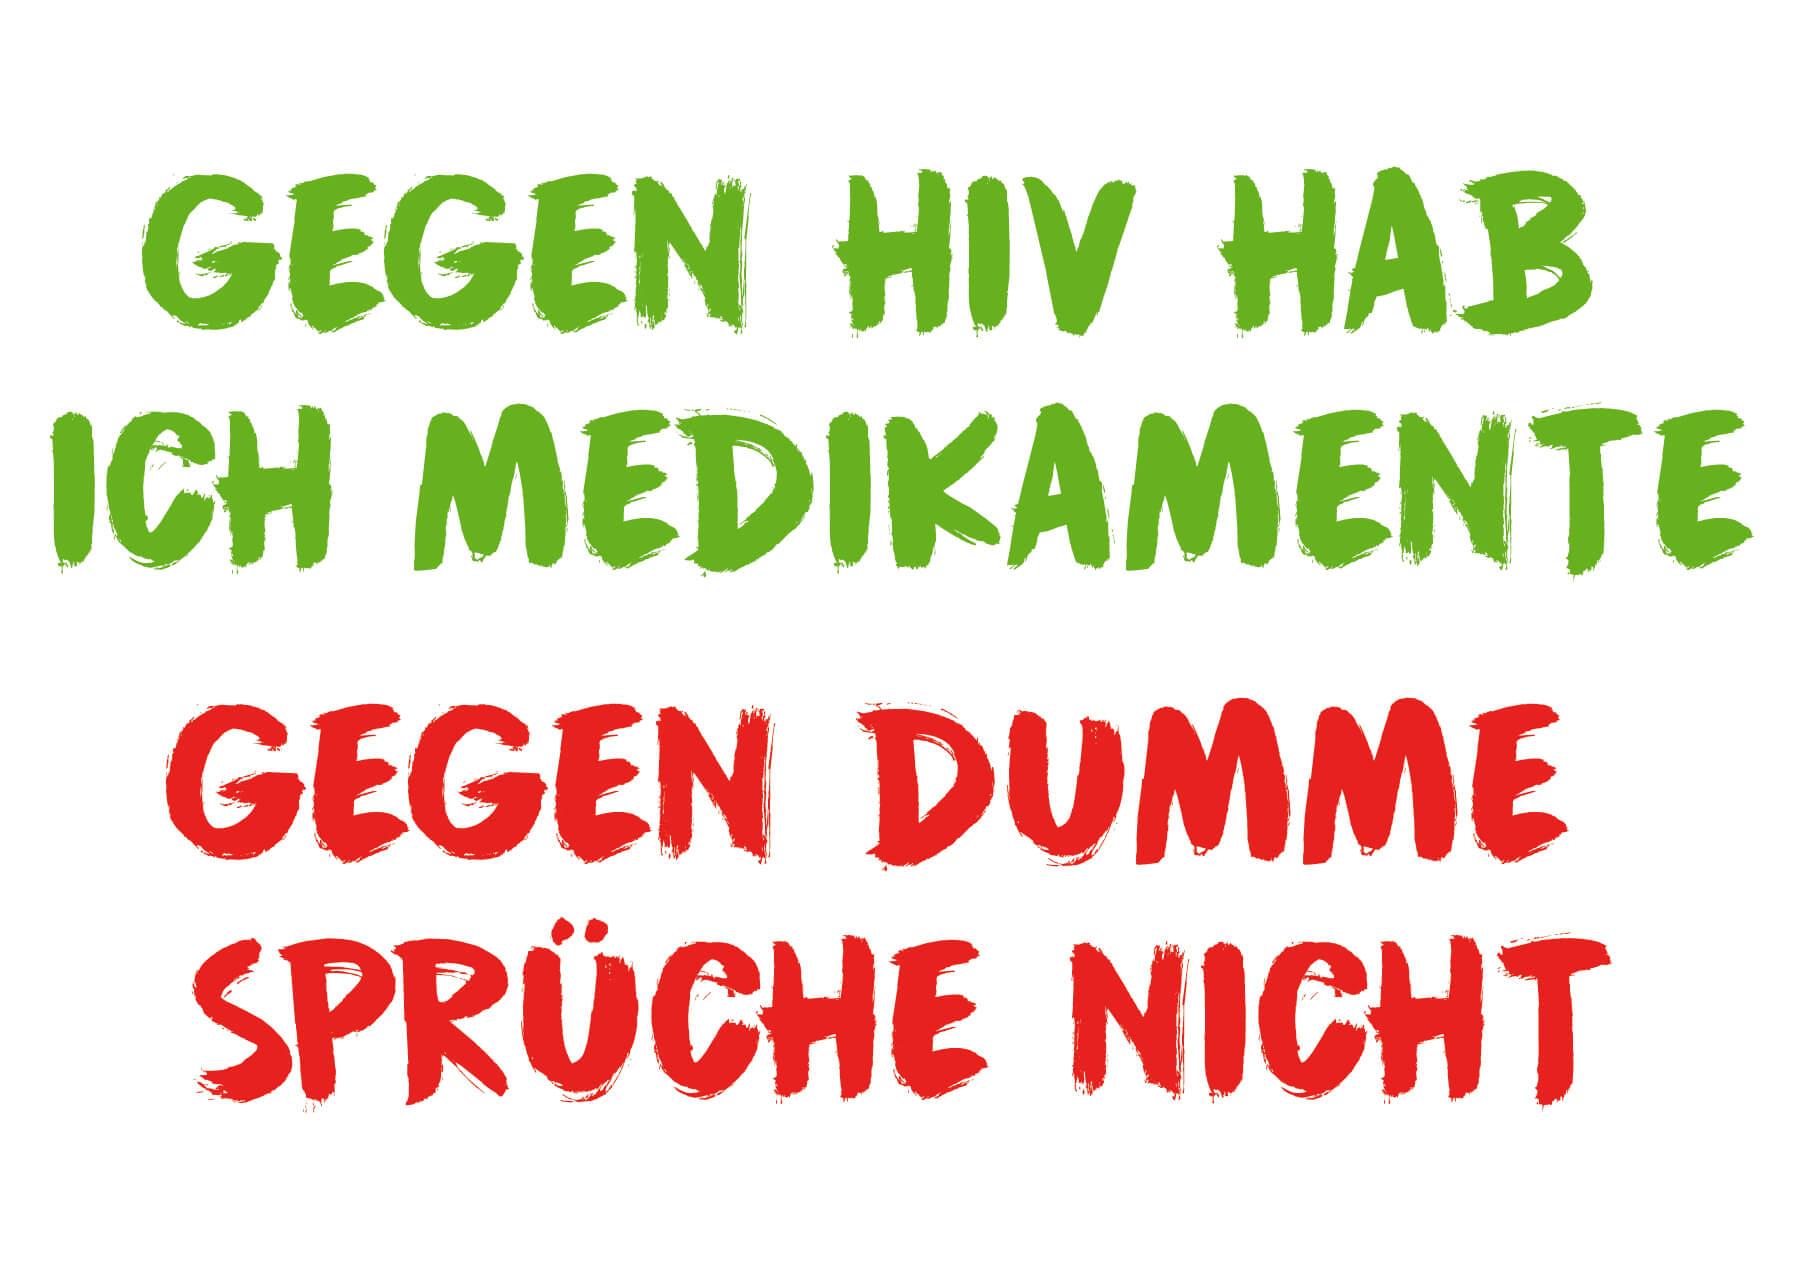 Gegen HIV hab ich medikamente Gegen dumme sprüche nicht